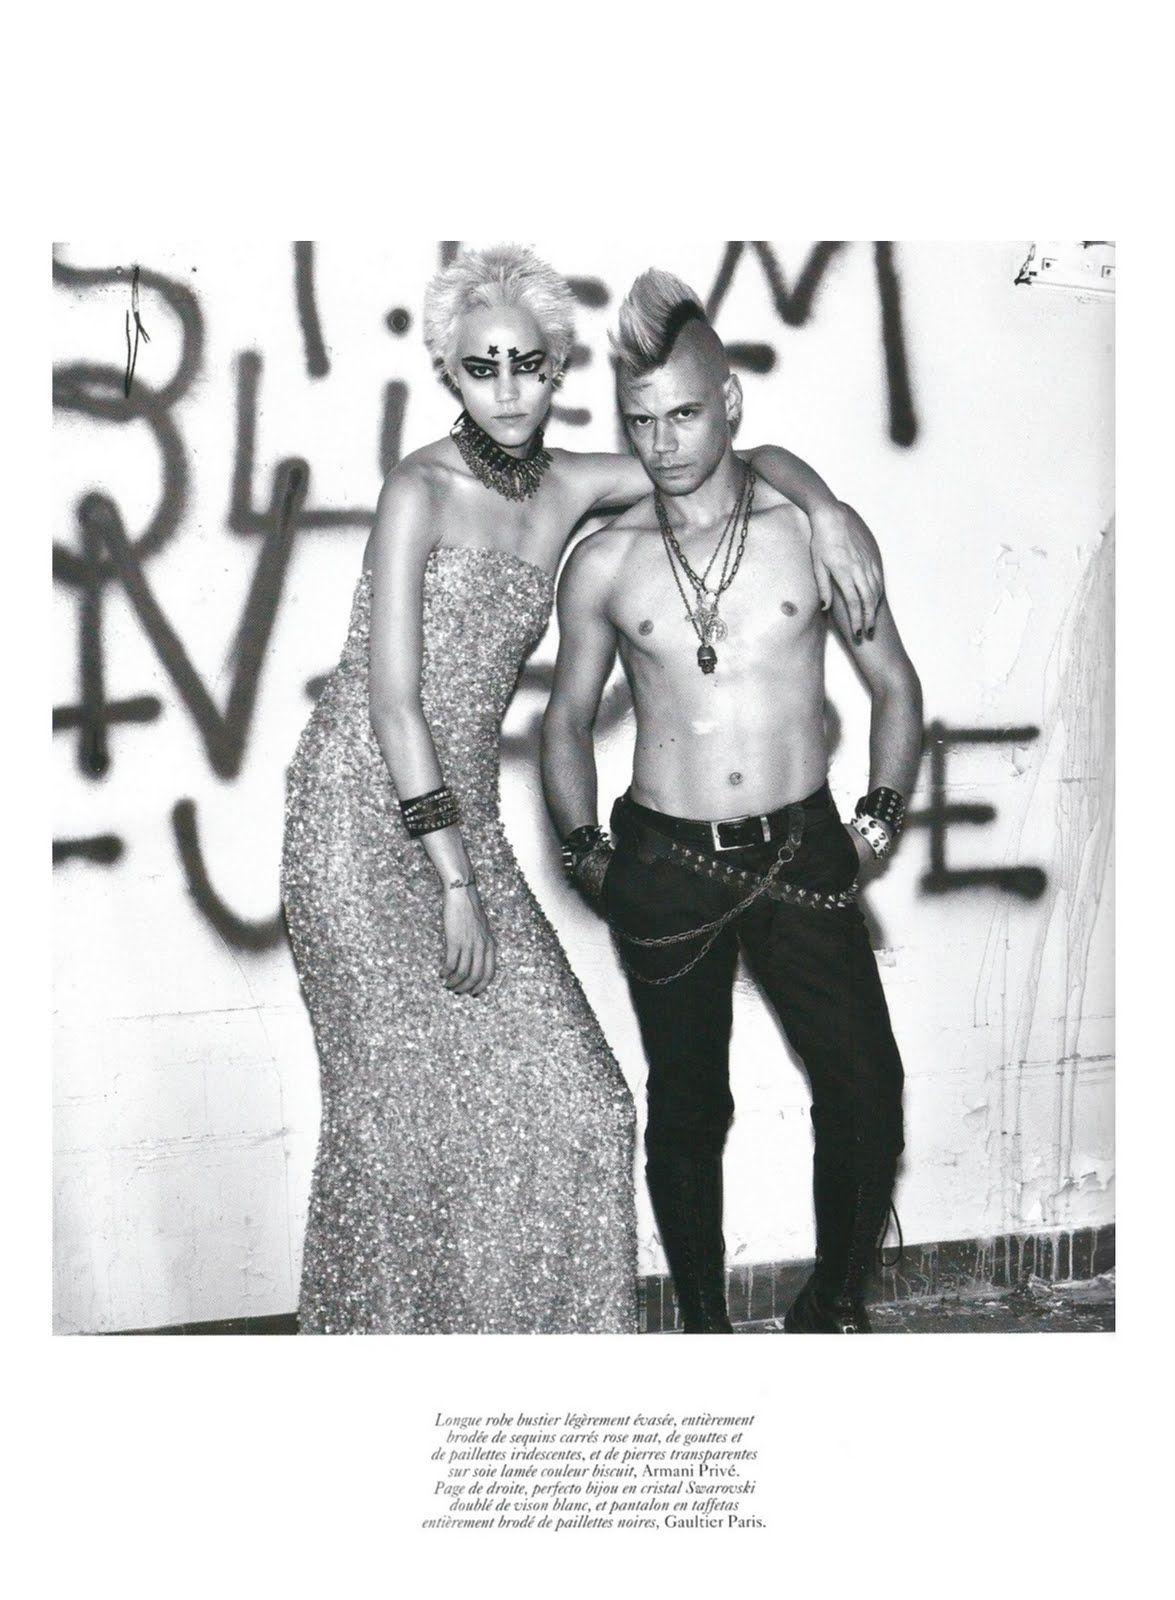 http://2.bp.blogspot.com/_Y6tlSy01D1s/TKOdRJO0sKI/AAAAAAAAGNI/5UJxvmiBCD8/s1600/Editorial+-+Think+Punk+Vogue+Paris+Oct10+by+Mario+Sorrenti+HQ+via+Carla-A+%40+tFS+5.jpg